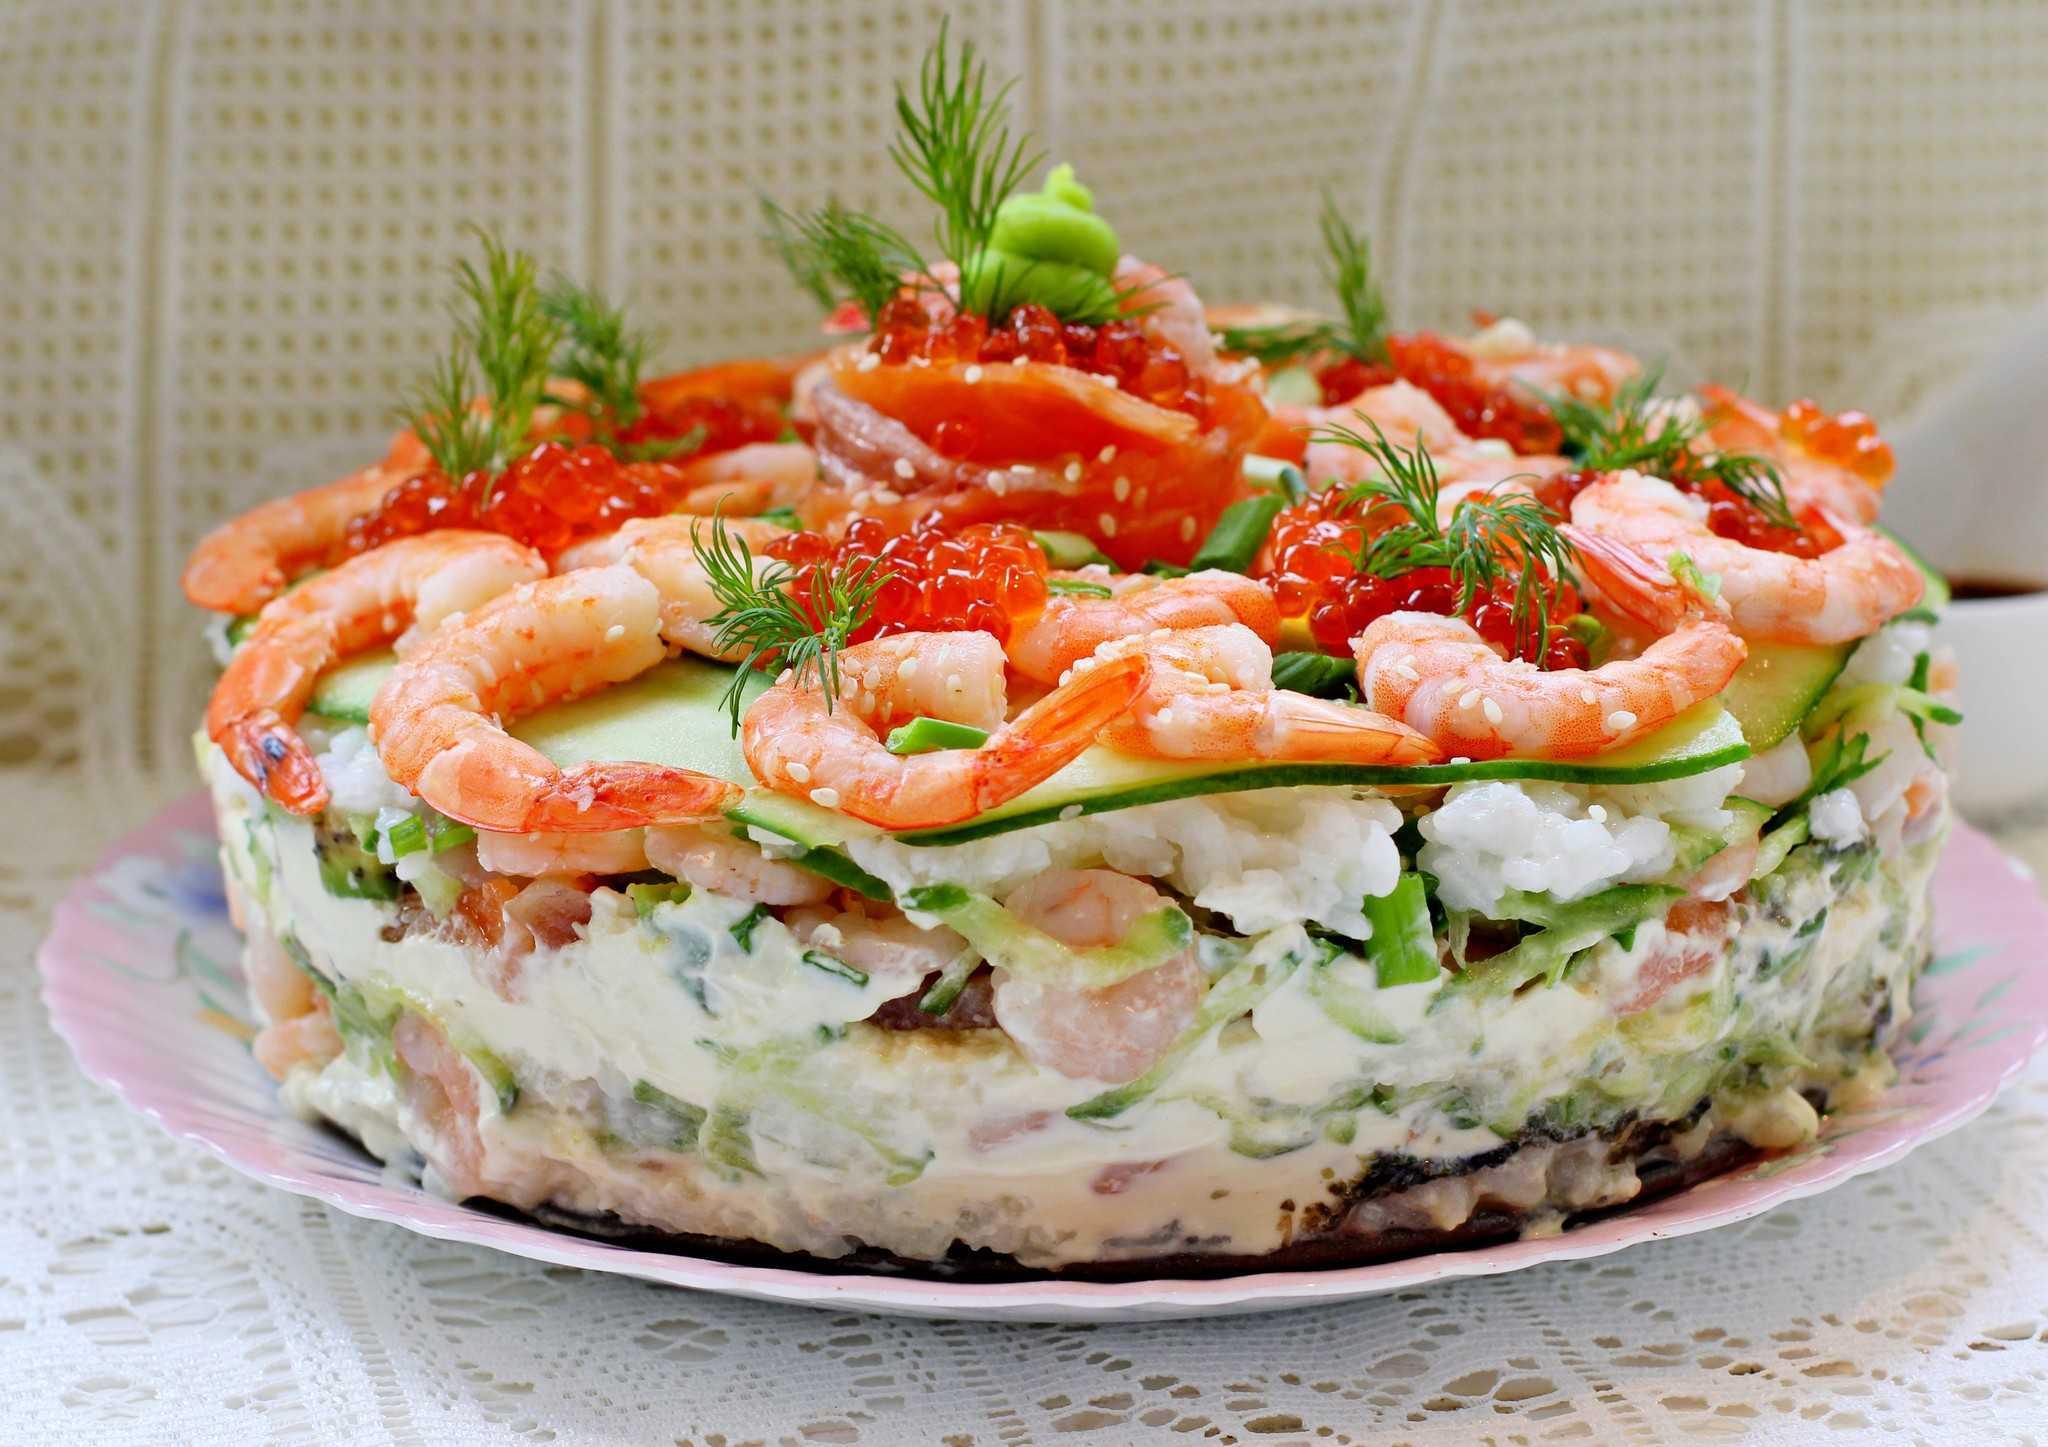 Из описания вы узнаете, как лучше всего приготовить рецепт Салат с омлетом и лососем  пошаговые фото, советы, состав, похожие салаты, комментарии, порядок приготовления